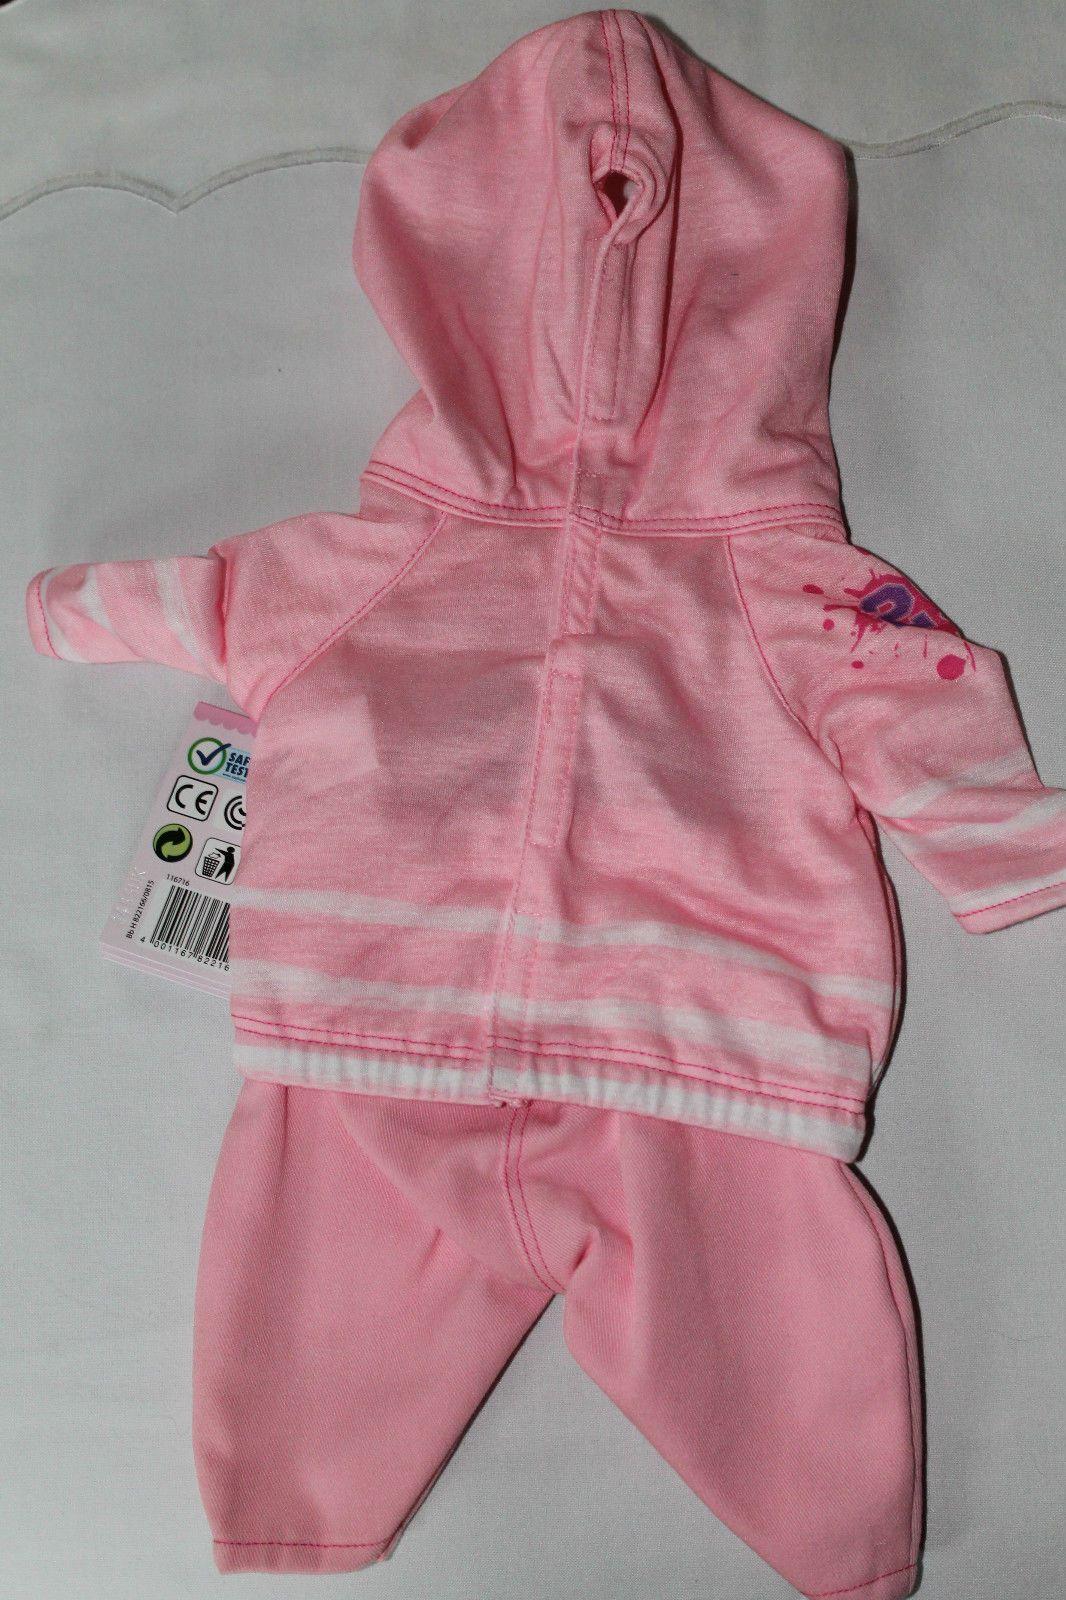 Zapf Creation Baby Born Freizeit Kollektion Rosa Neu Ovp In Spielzeug Puppen Zubehor Babypuppen Zubehor Ebay